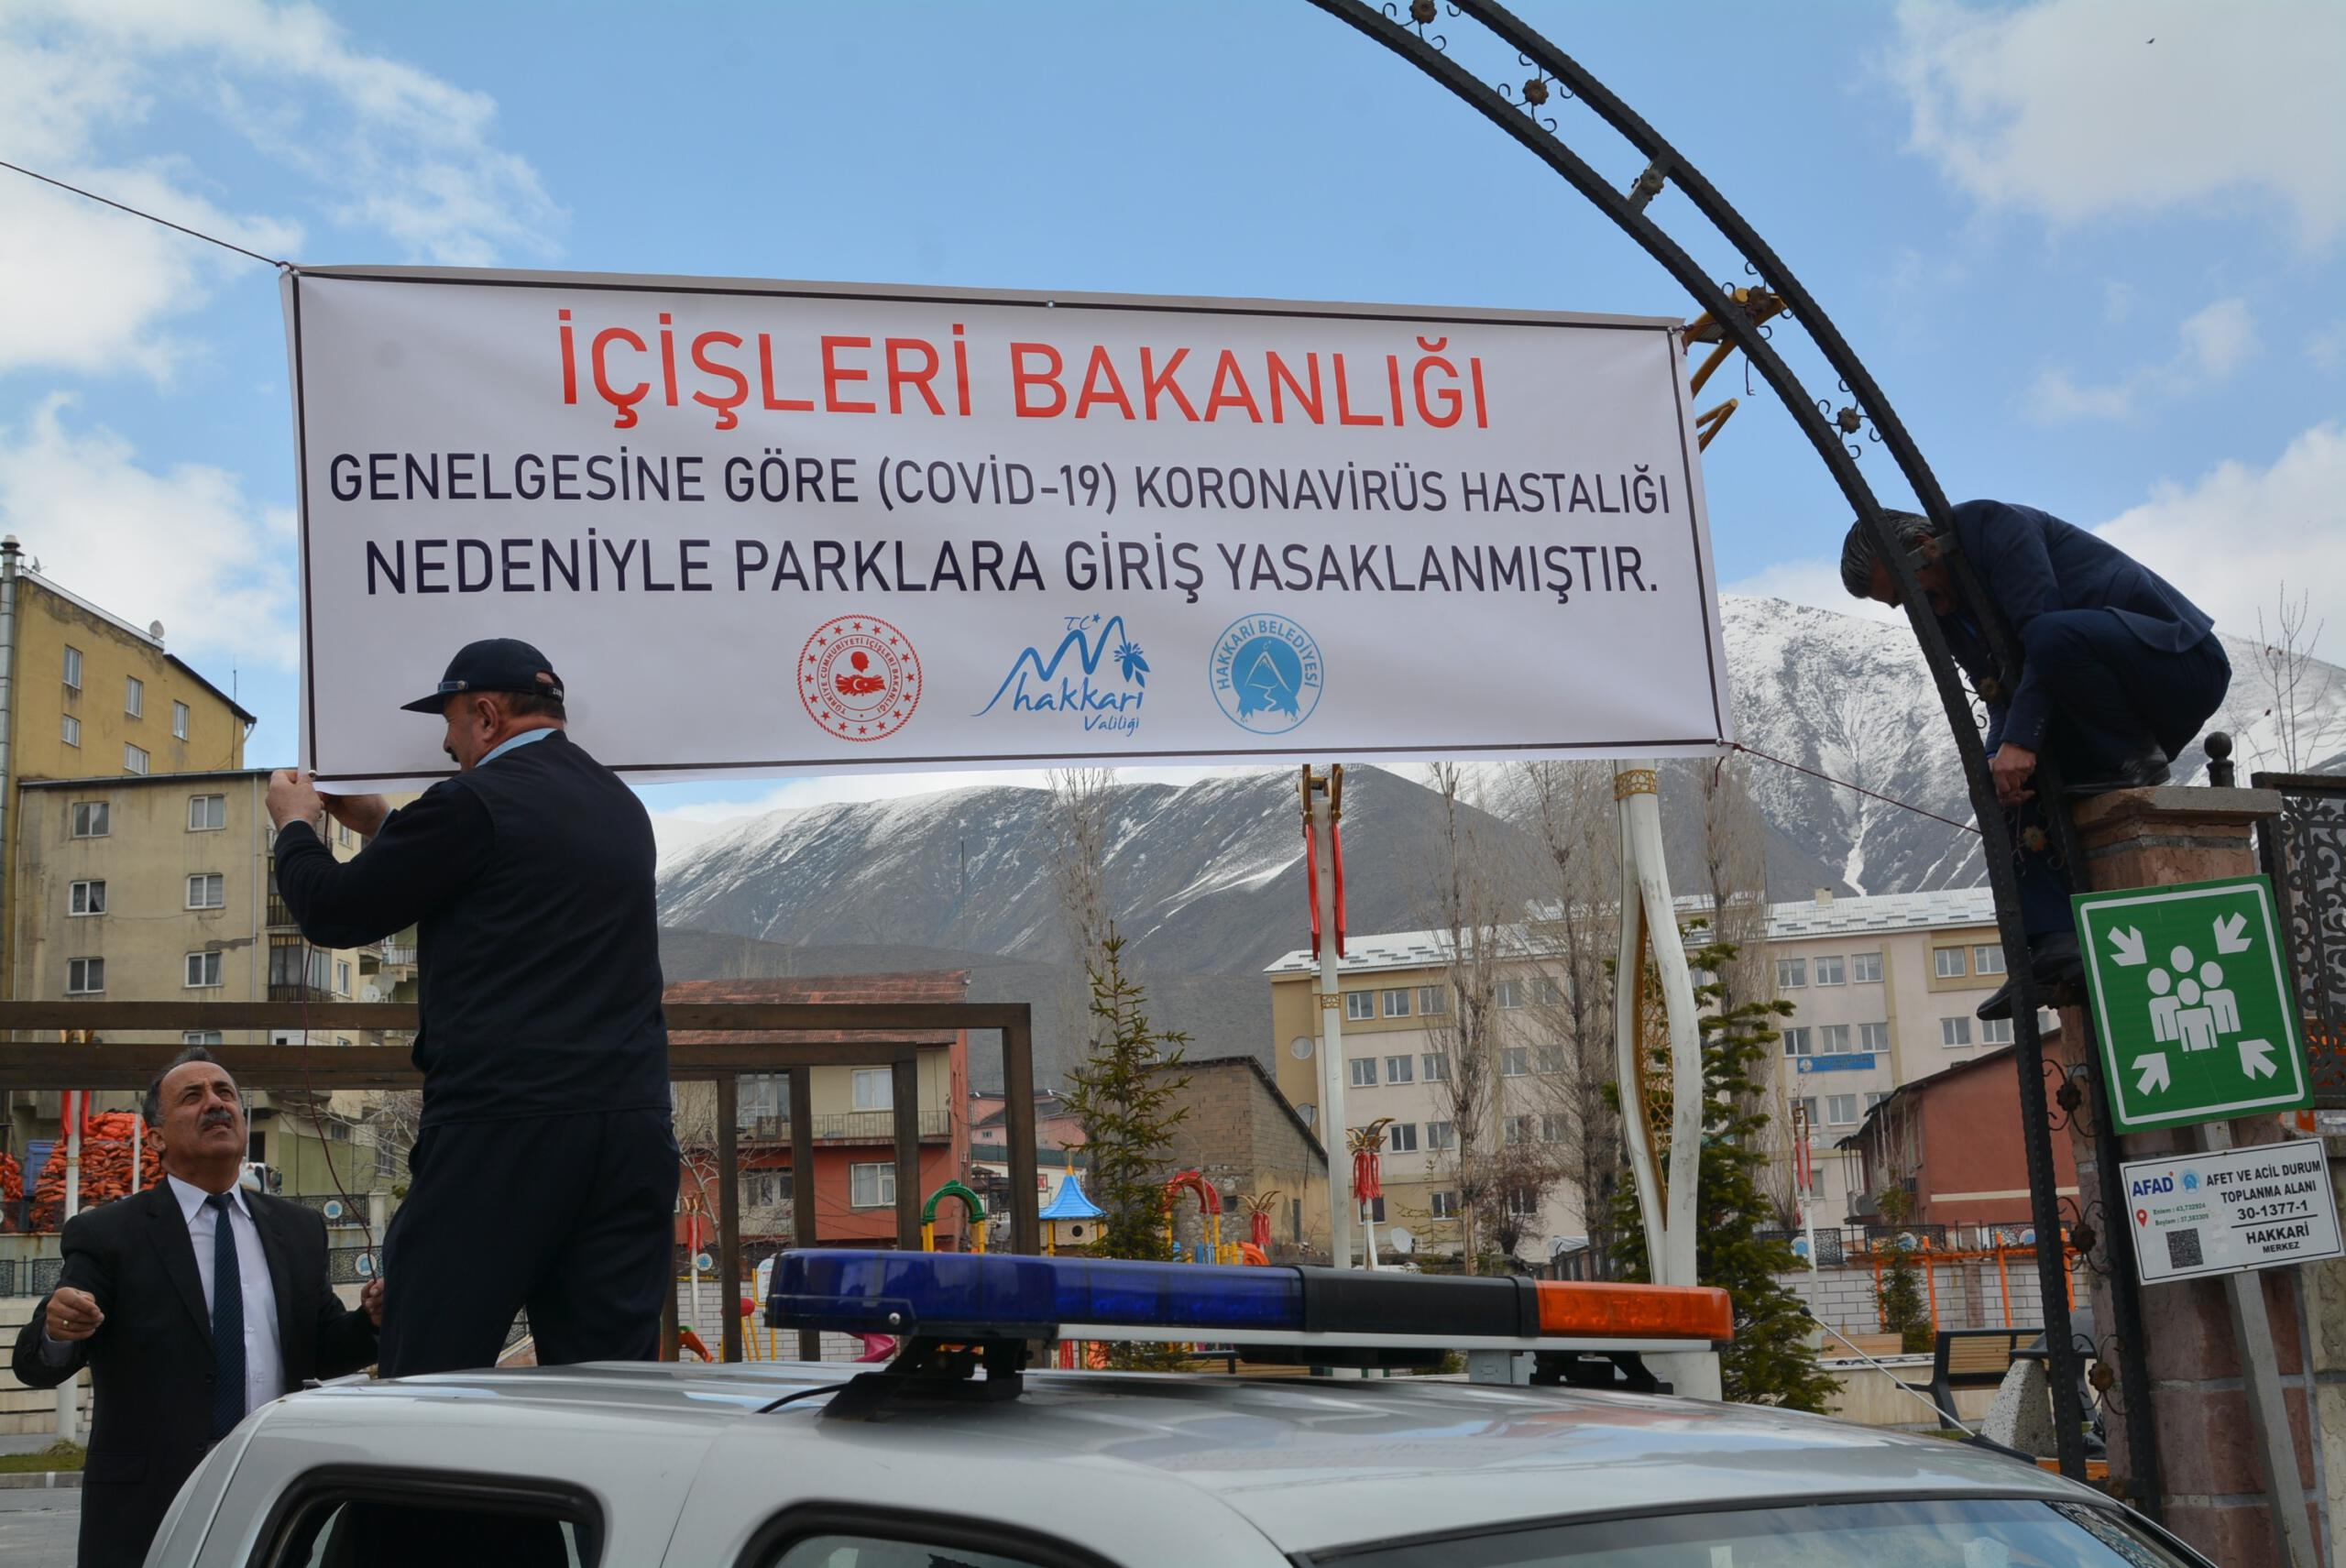 Hakkari'deki parklara 'giriş yasak' pankartı asıldı